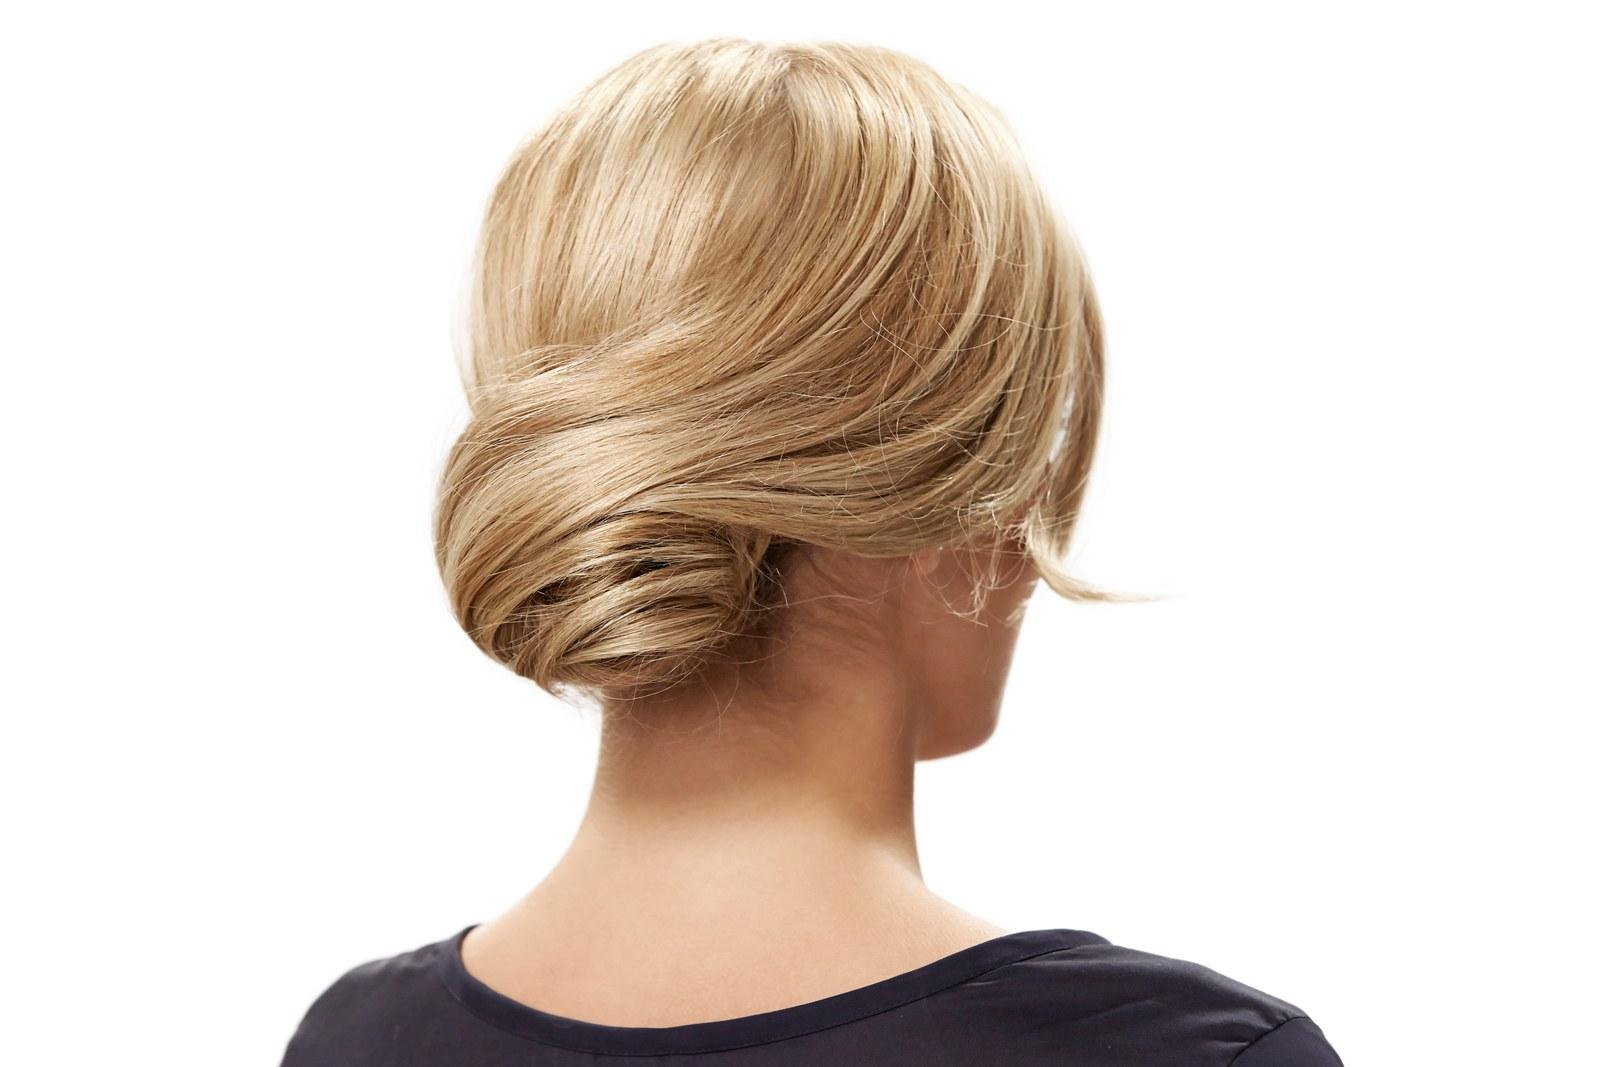 moño super elegante toque retro, pelo rubio largo, bonitas ideas de peinados recogidos faciles para ocasiones especiales